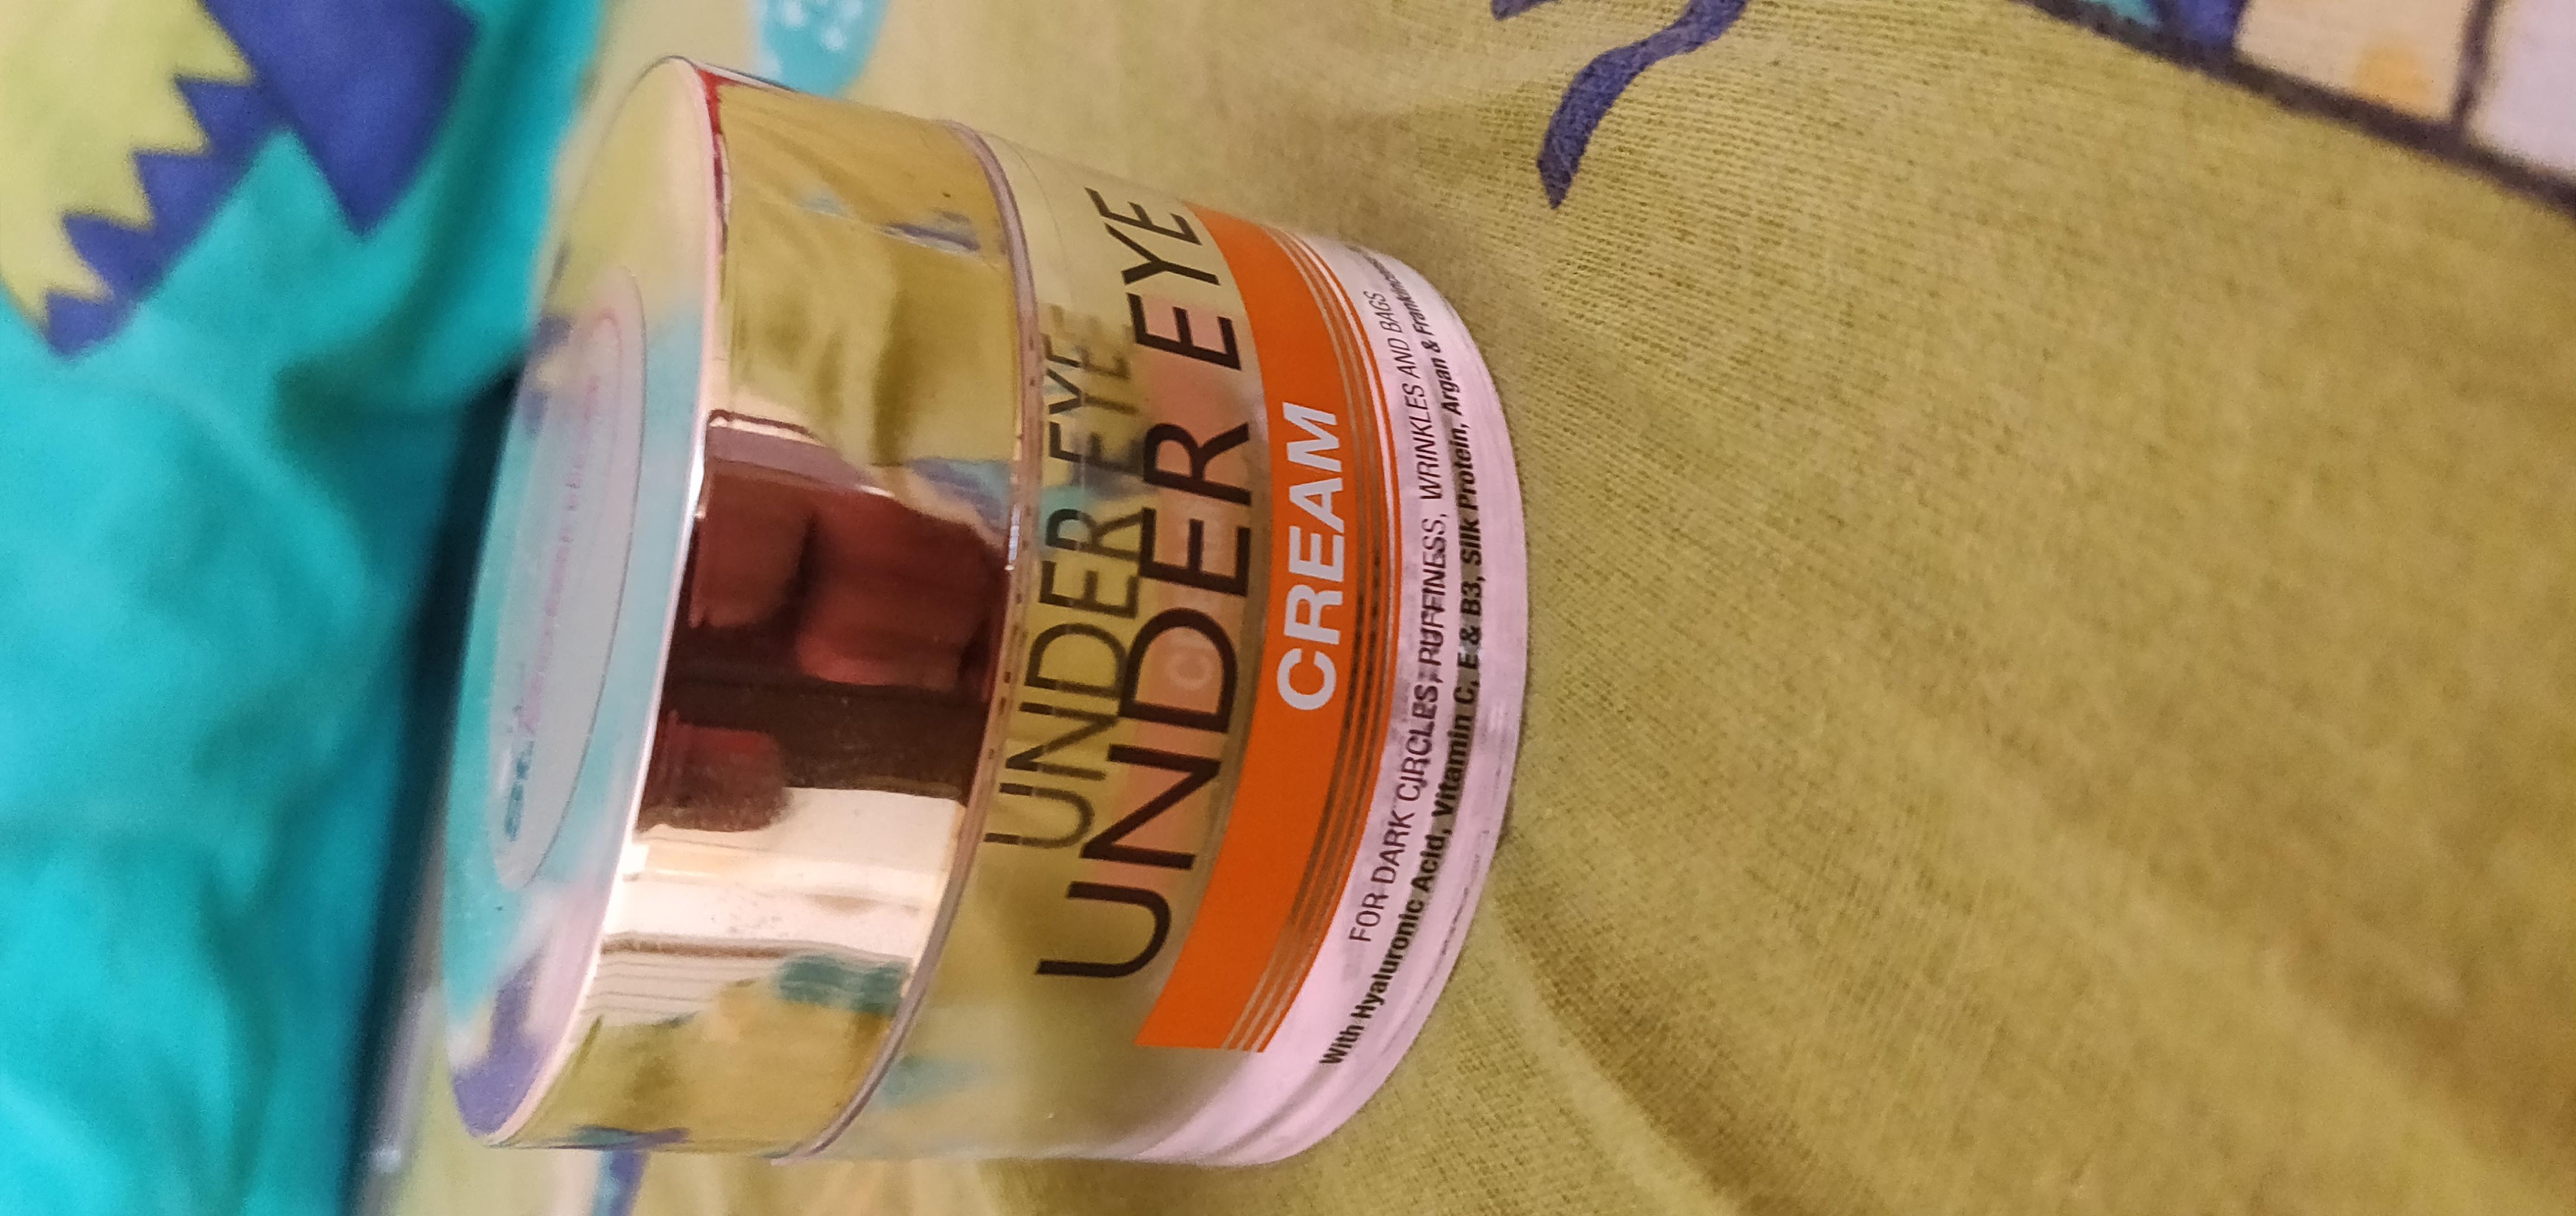 StBotanica Pure Radiance Under Eye Cream -Very effective under eye cream-By swatiaggarwal